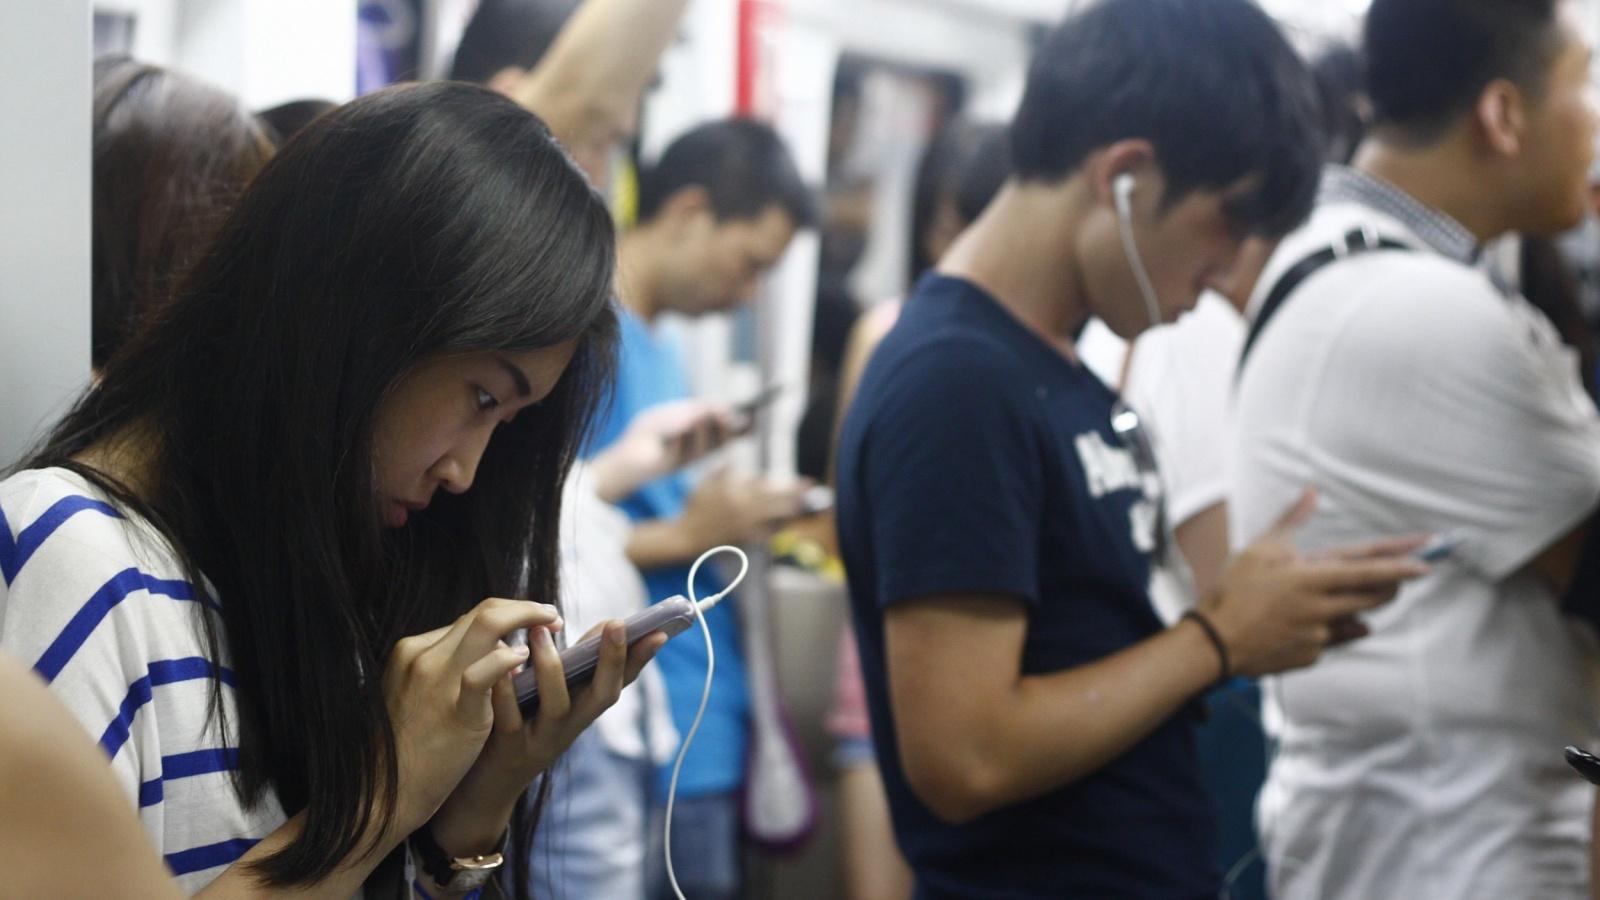 Ученые предполагают, что злоупотребление смартфоном может привести к деформации черепа - 1